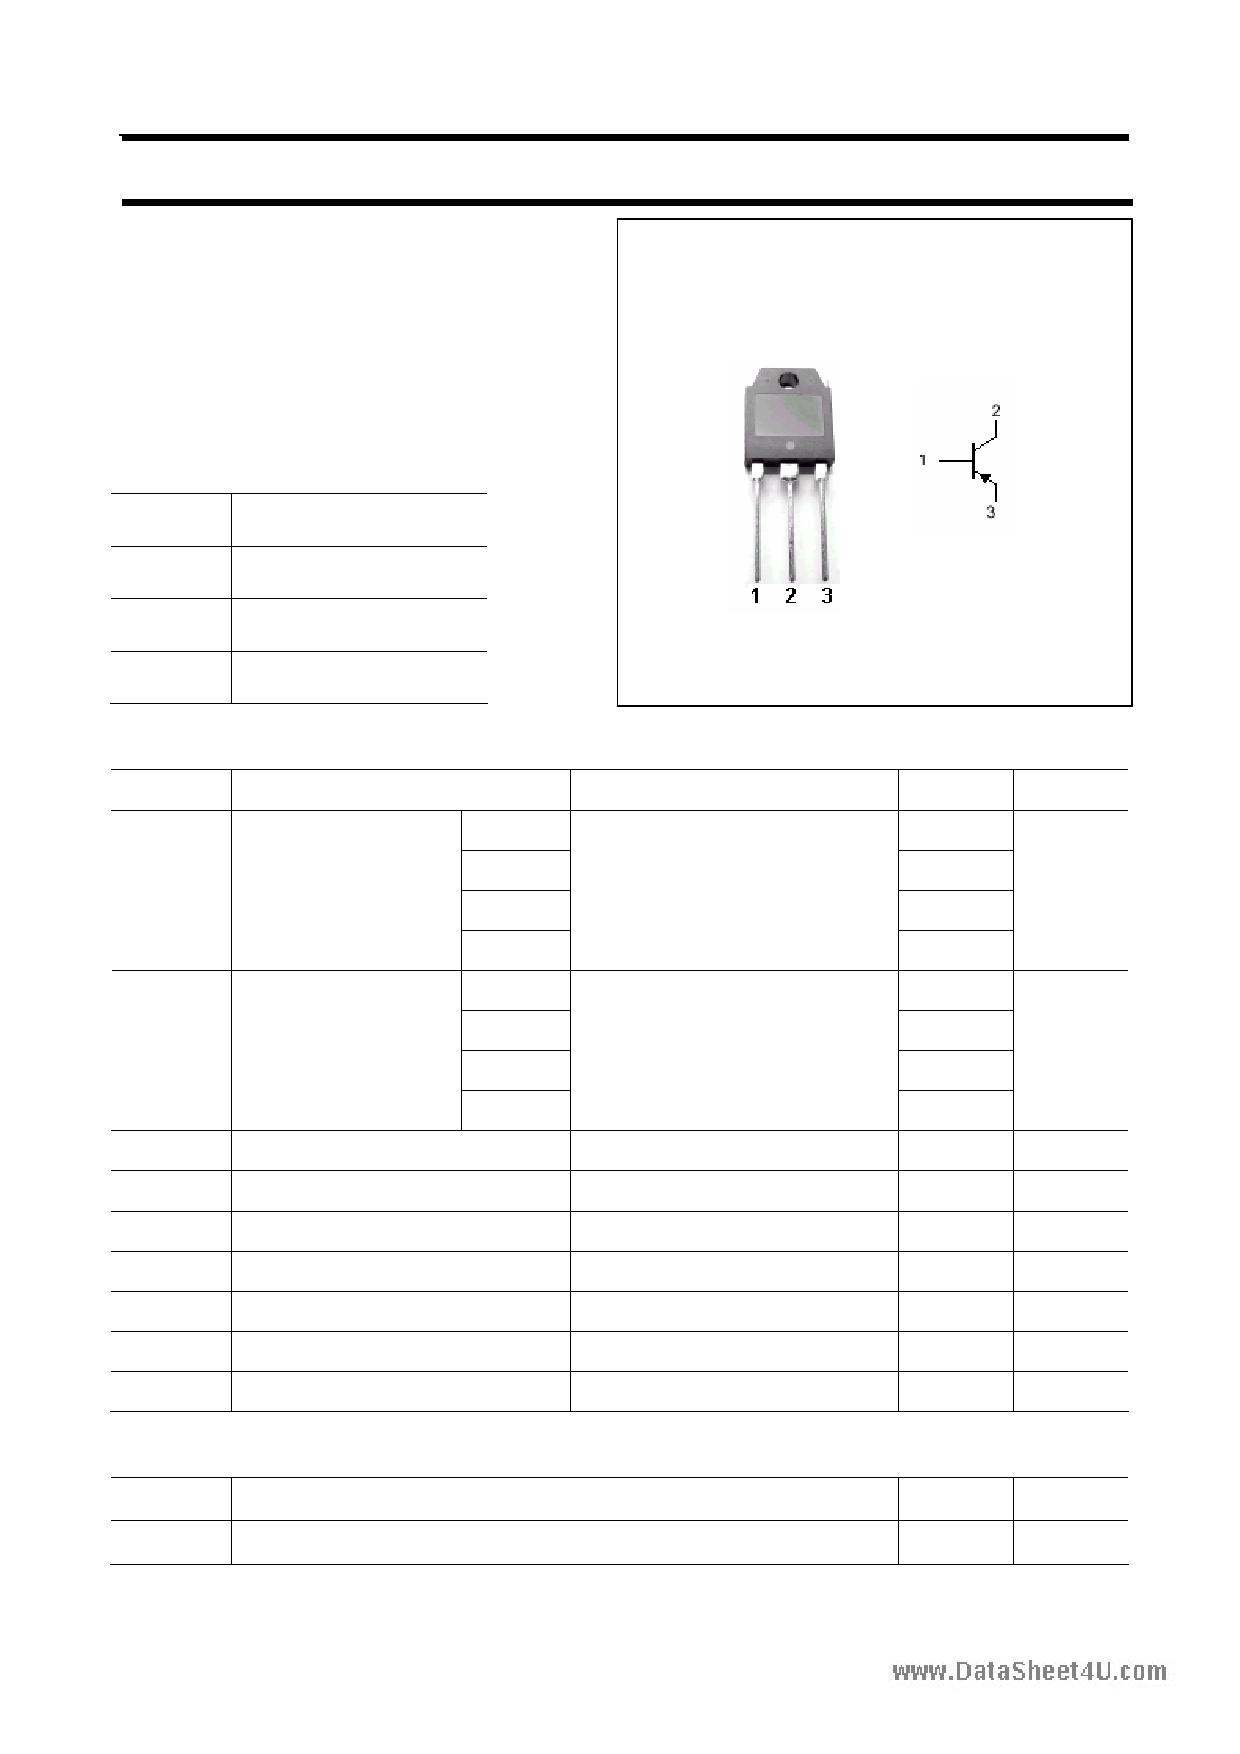 BD250C datasheet